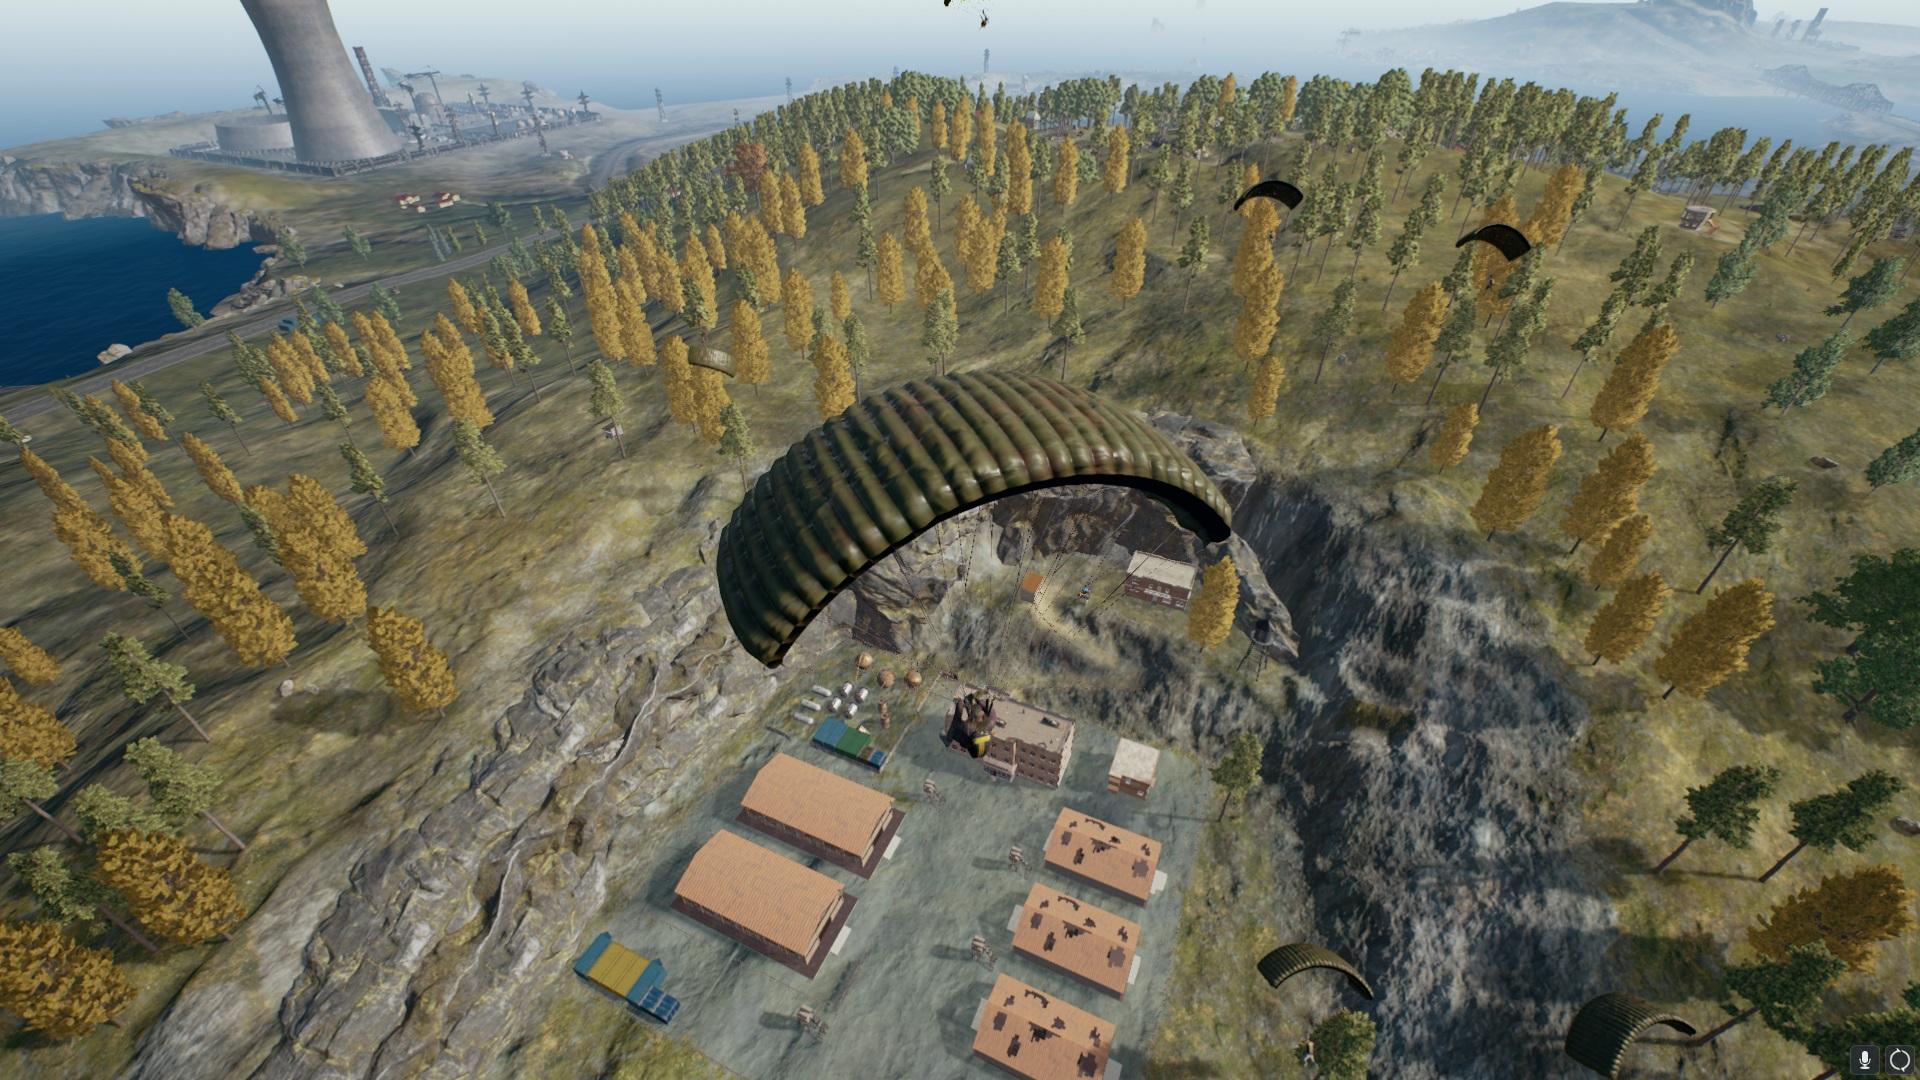 Everyone dies at the prison (including Jordan) screenshot